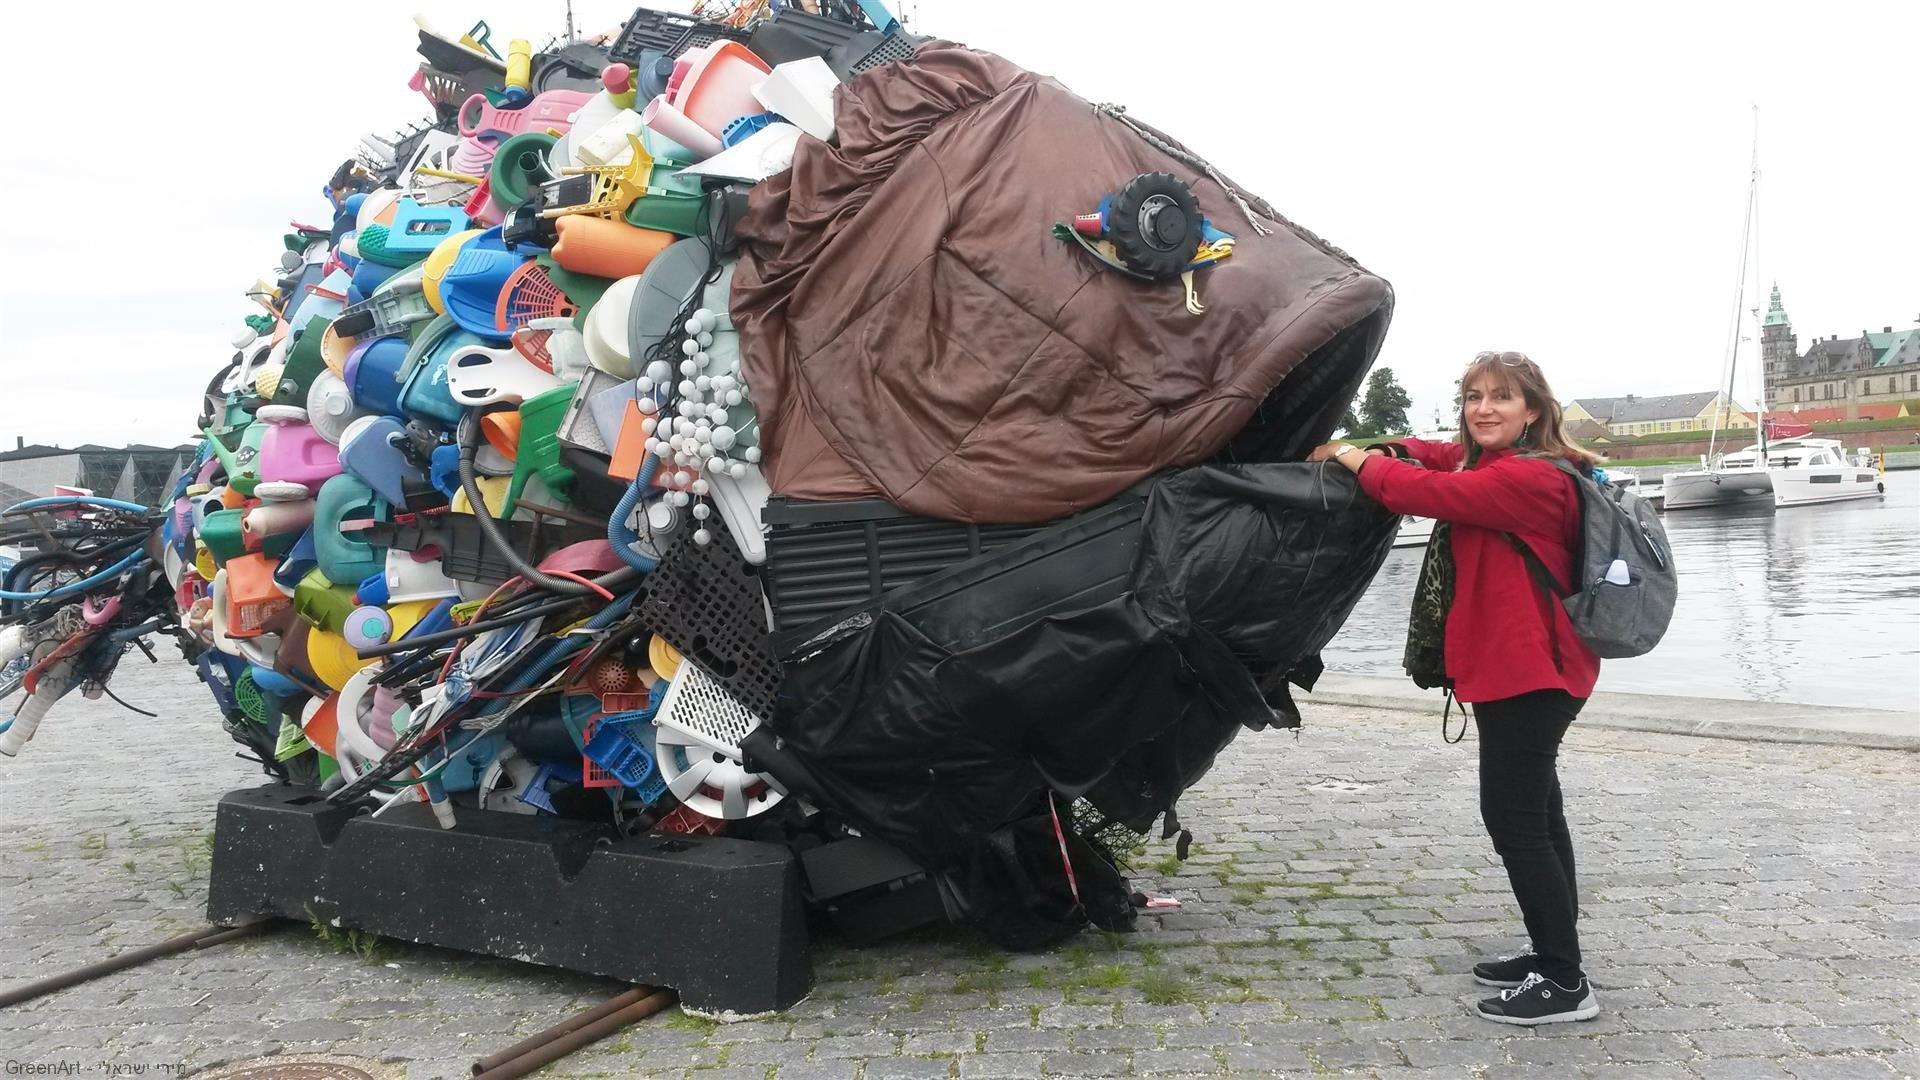 פיסול סביבתי במרכז התרבות של  קרונבורג שבוצע עם הקהילה לקידום המודעות לשימור הסביבה